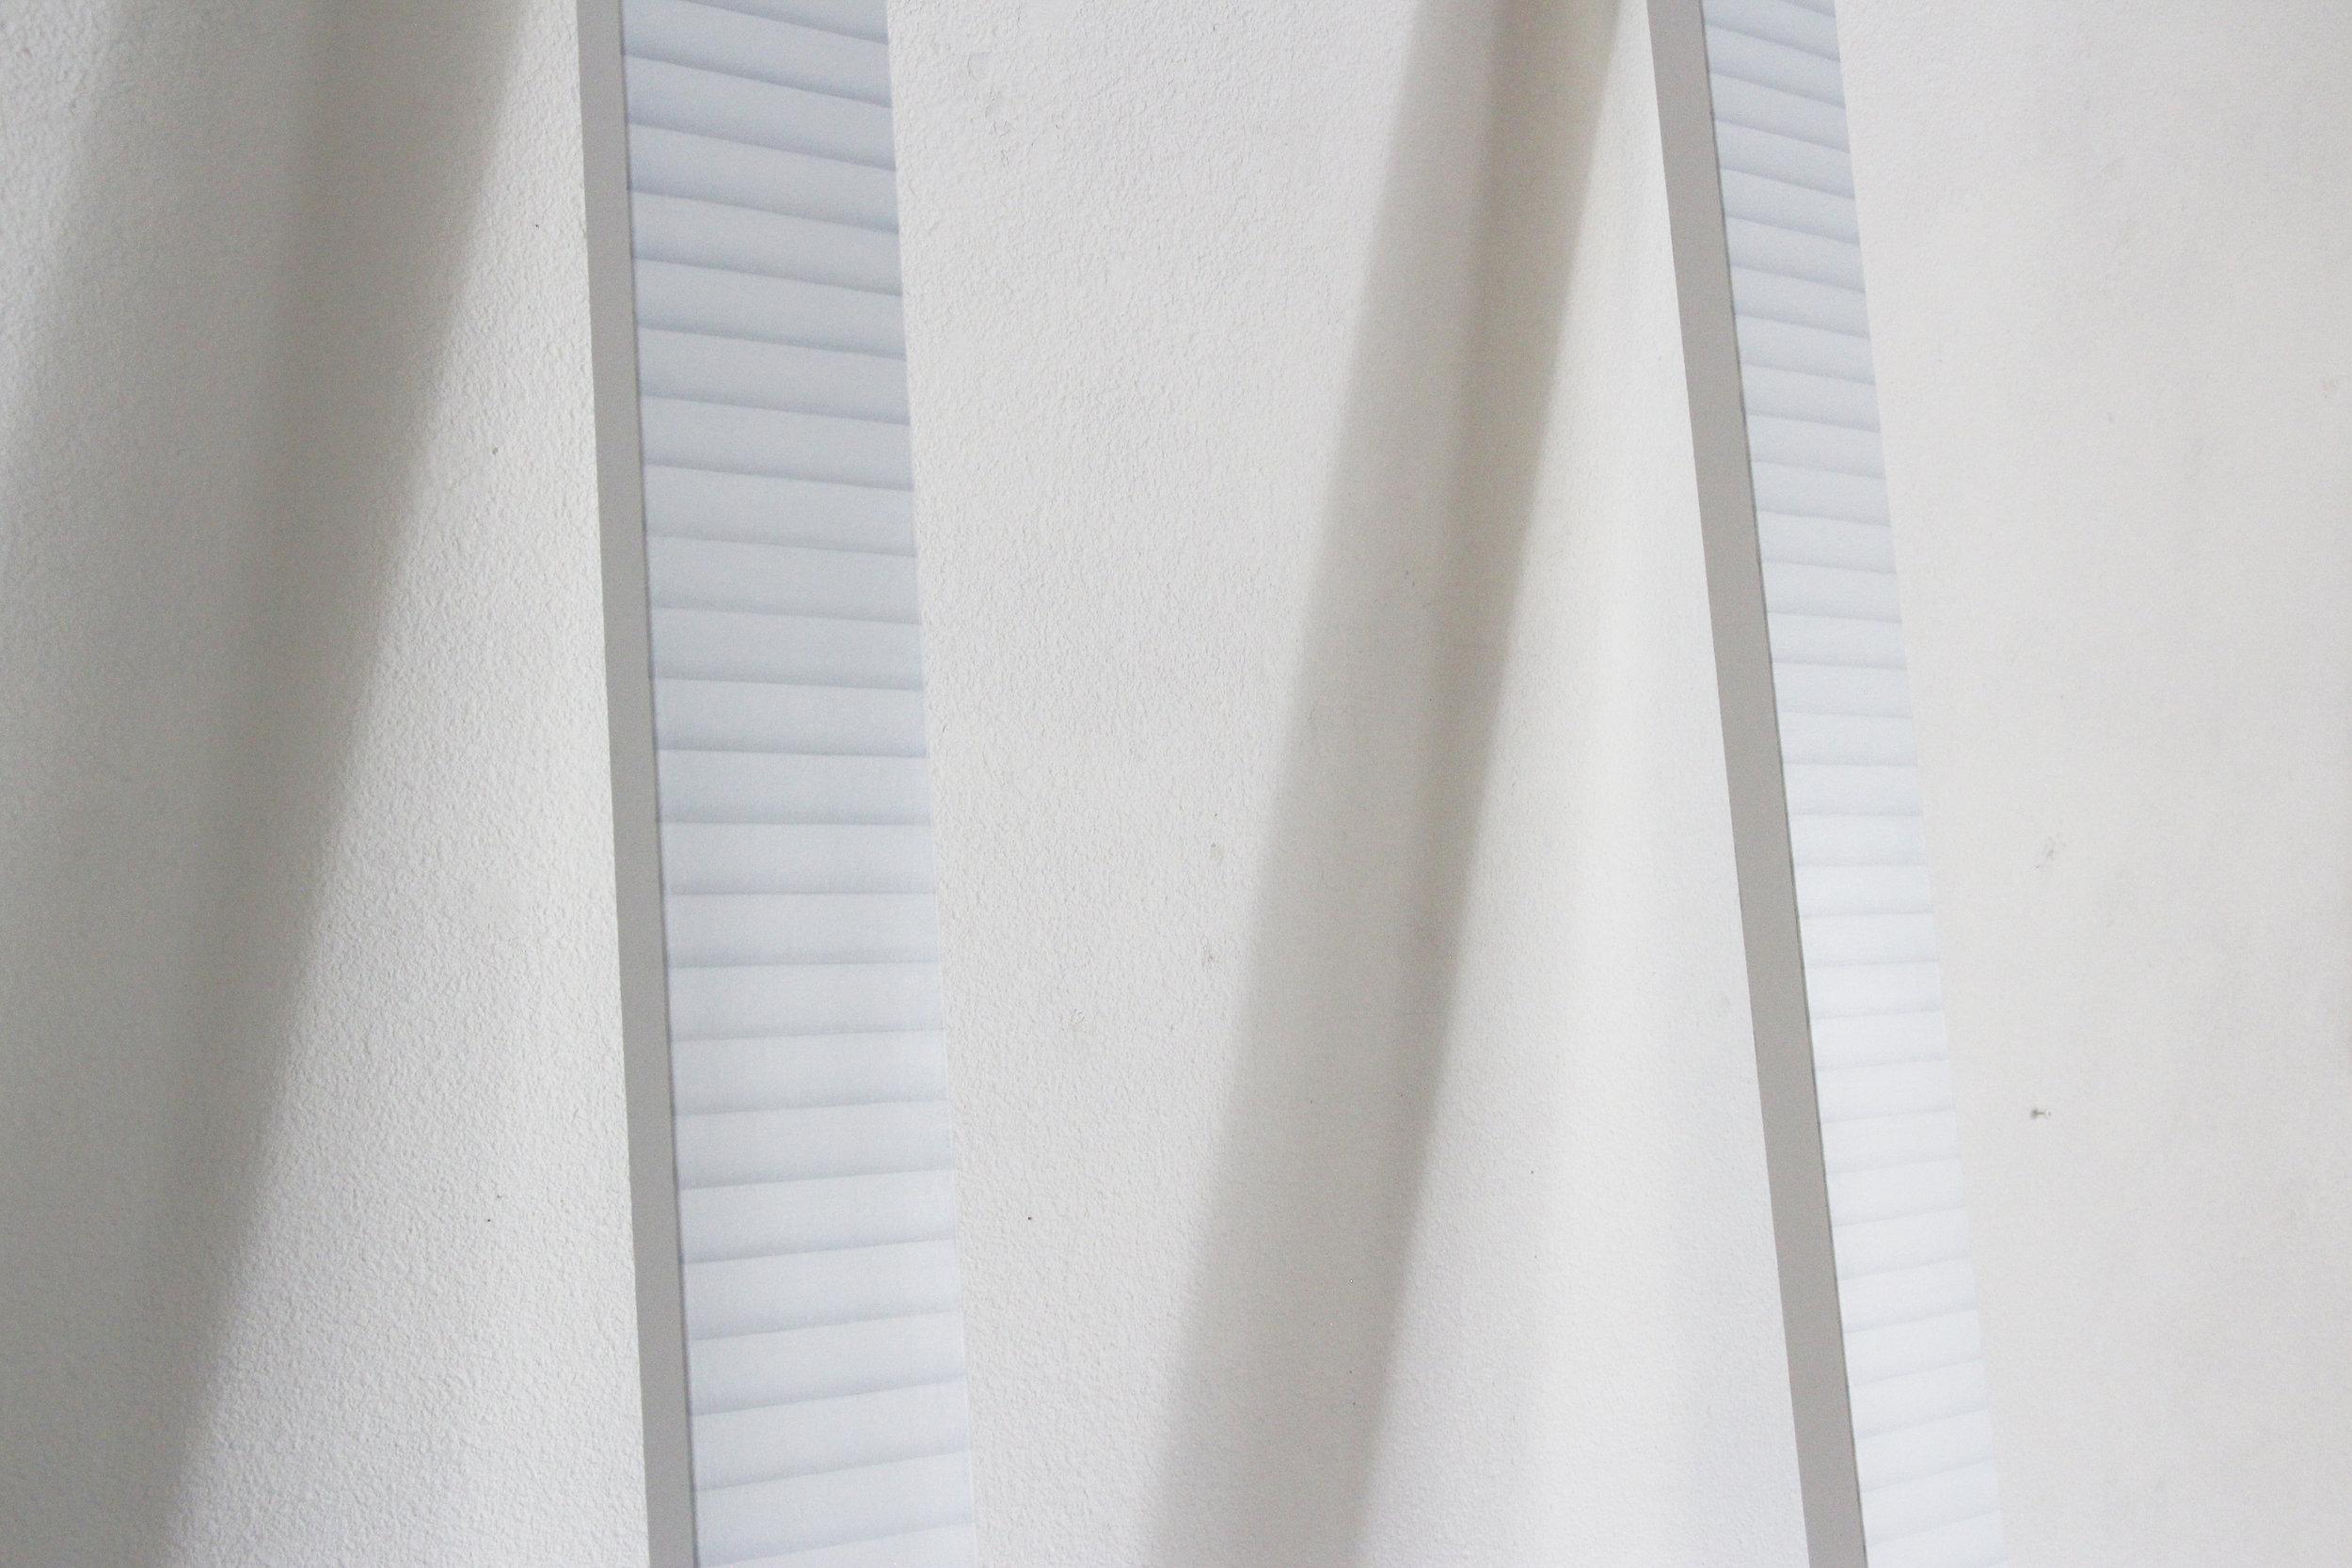 Planks detail